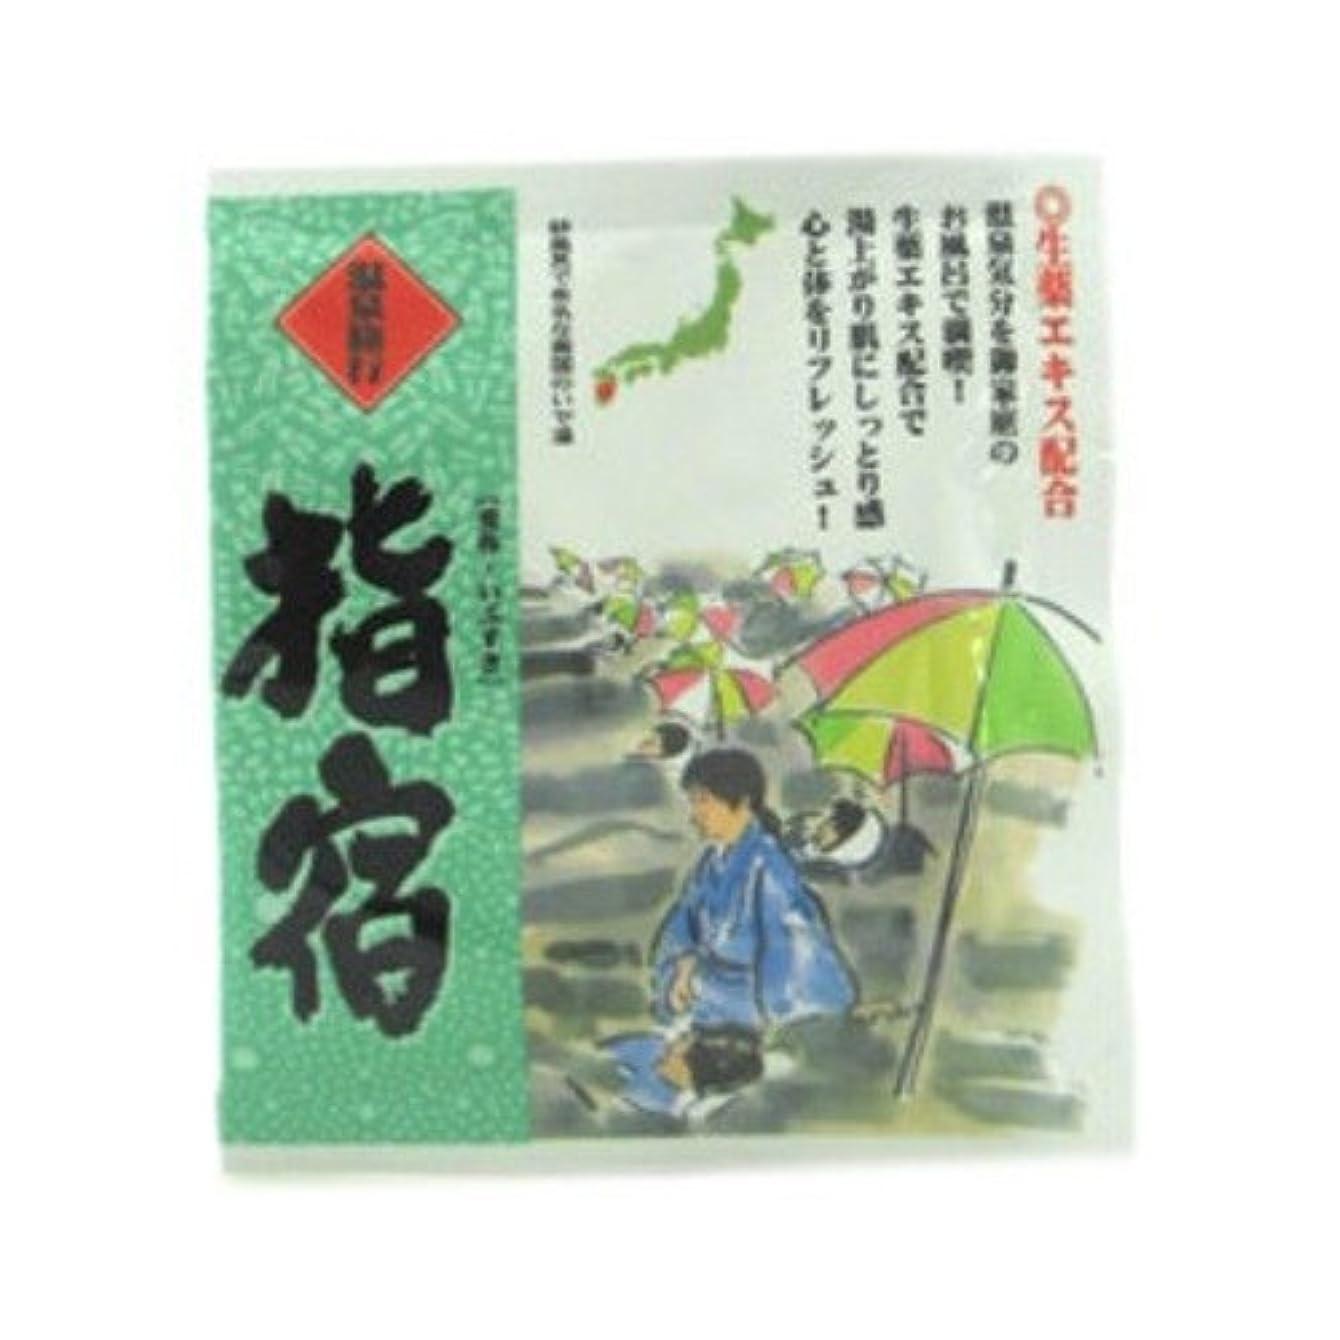 五洲薬品 温泉旅行 指宿 25g 4987332128311